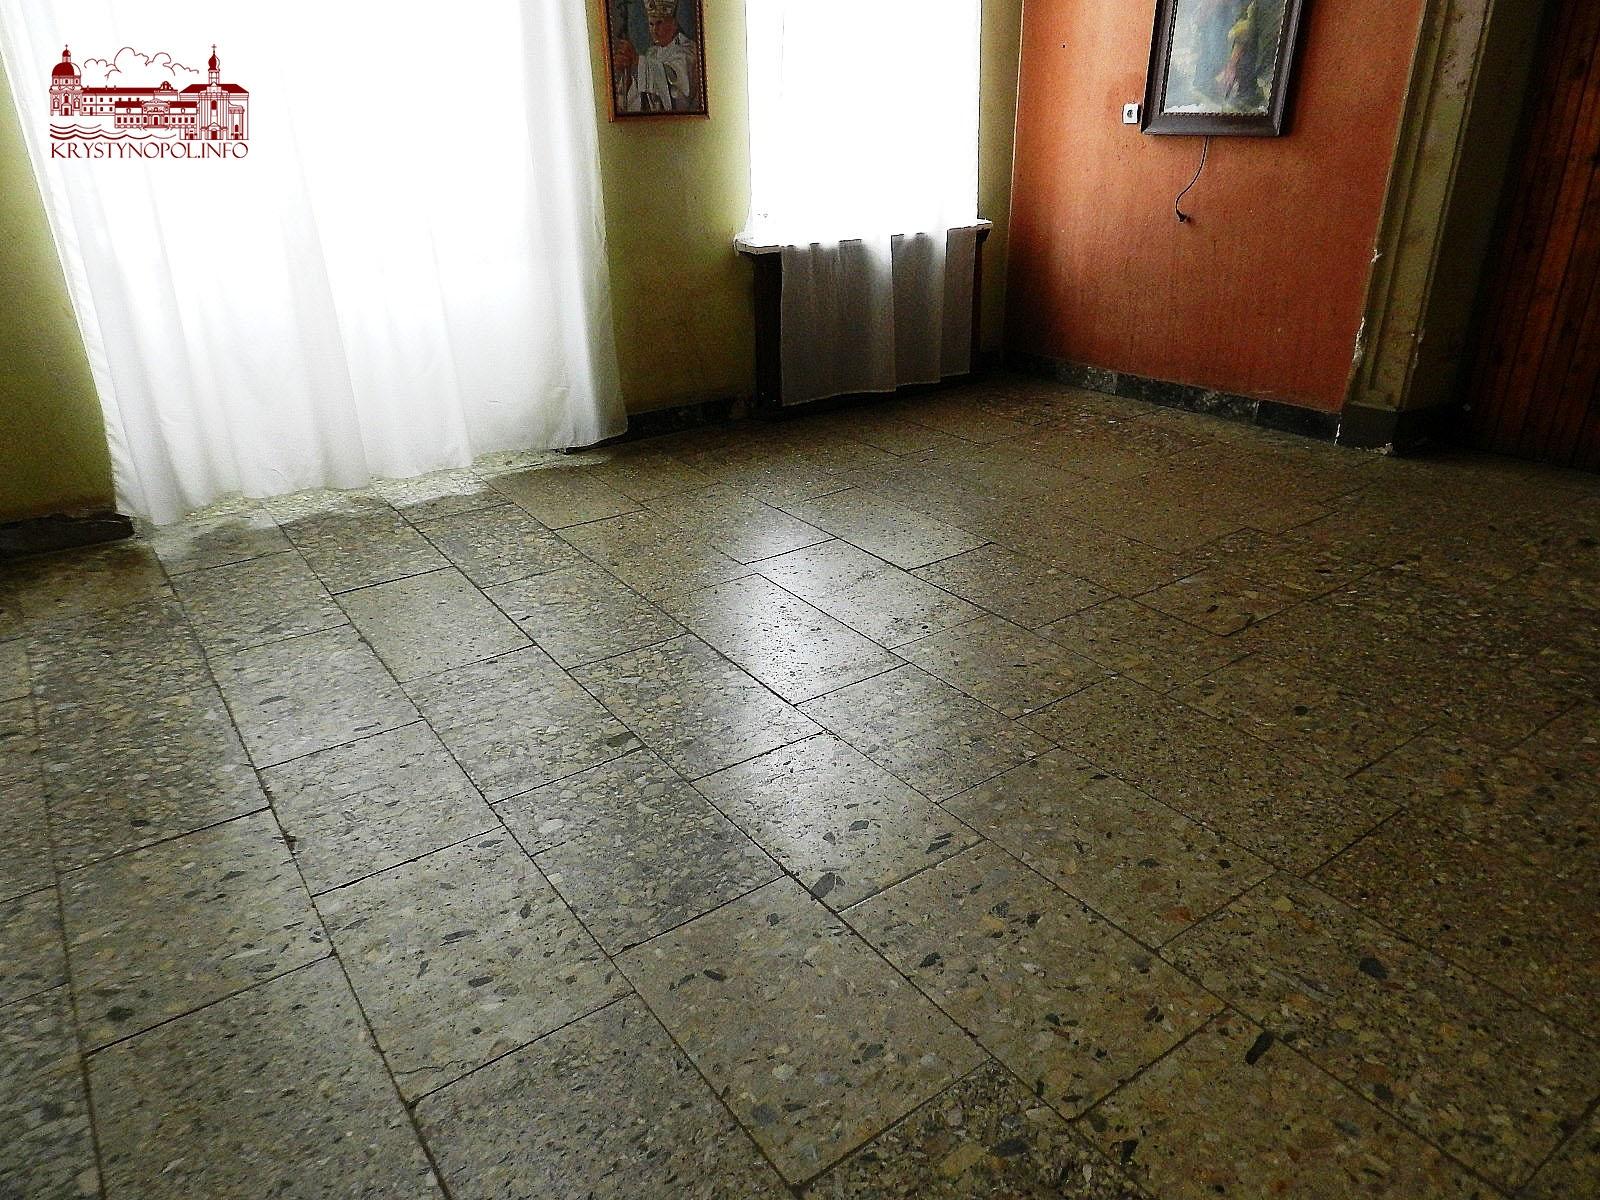 Підлога у фойє.